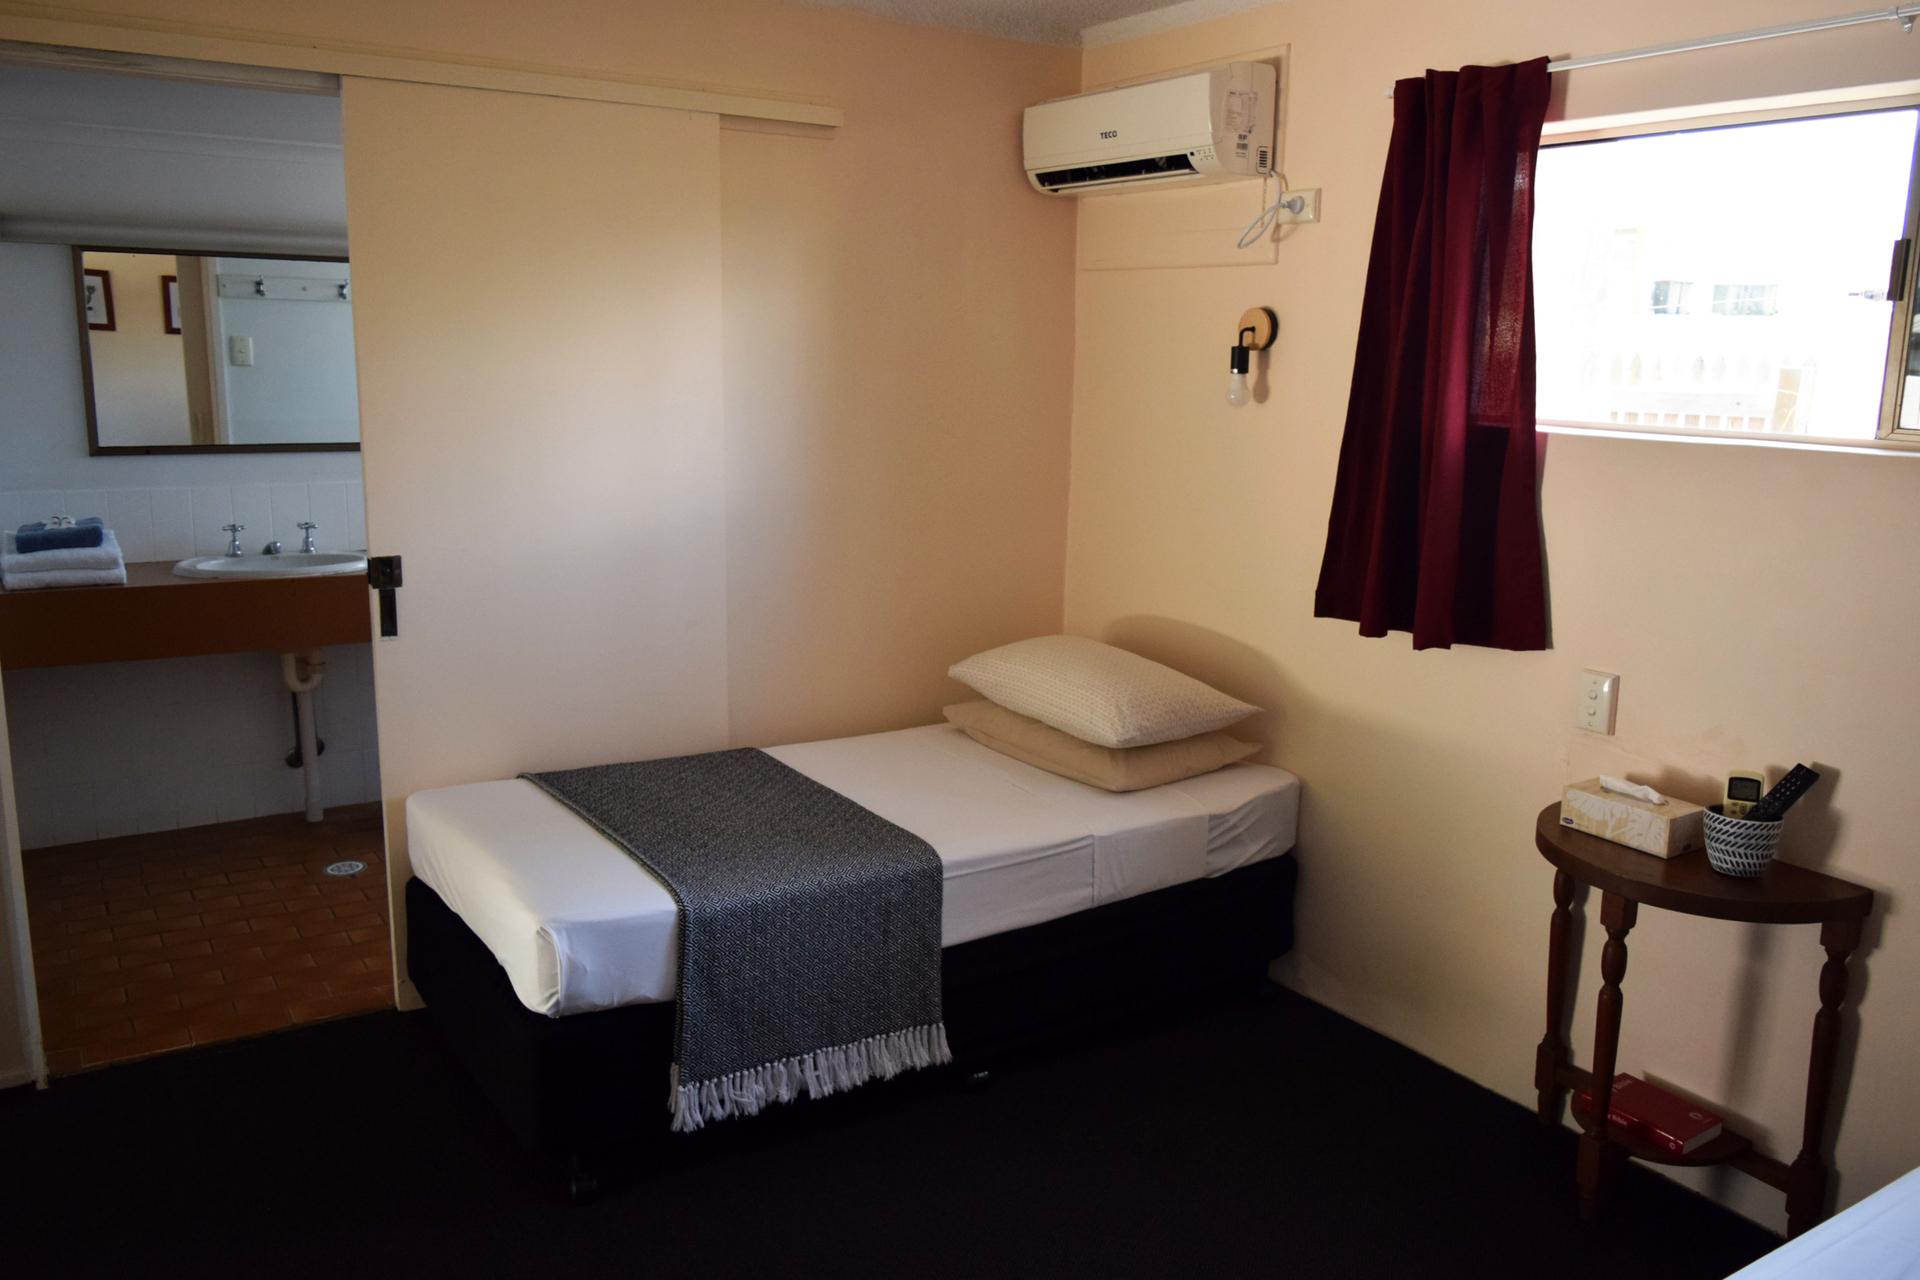 e - Siesta Villa Motel